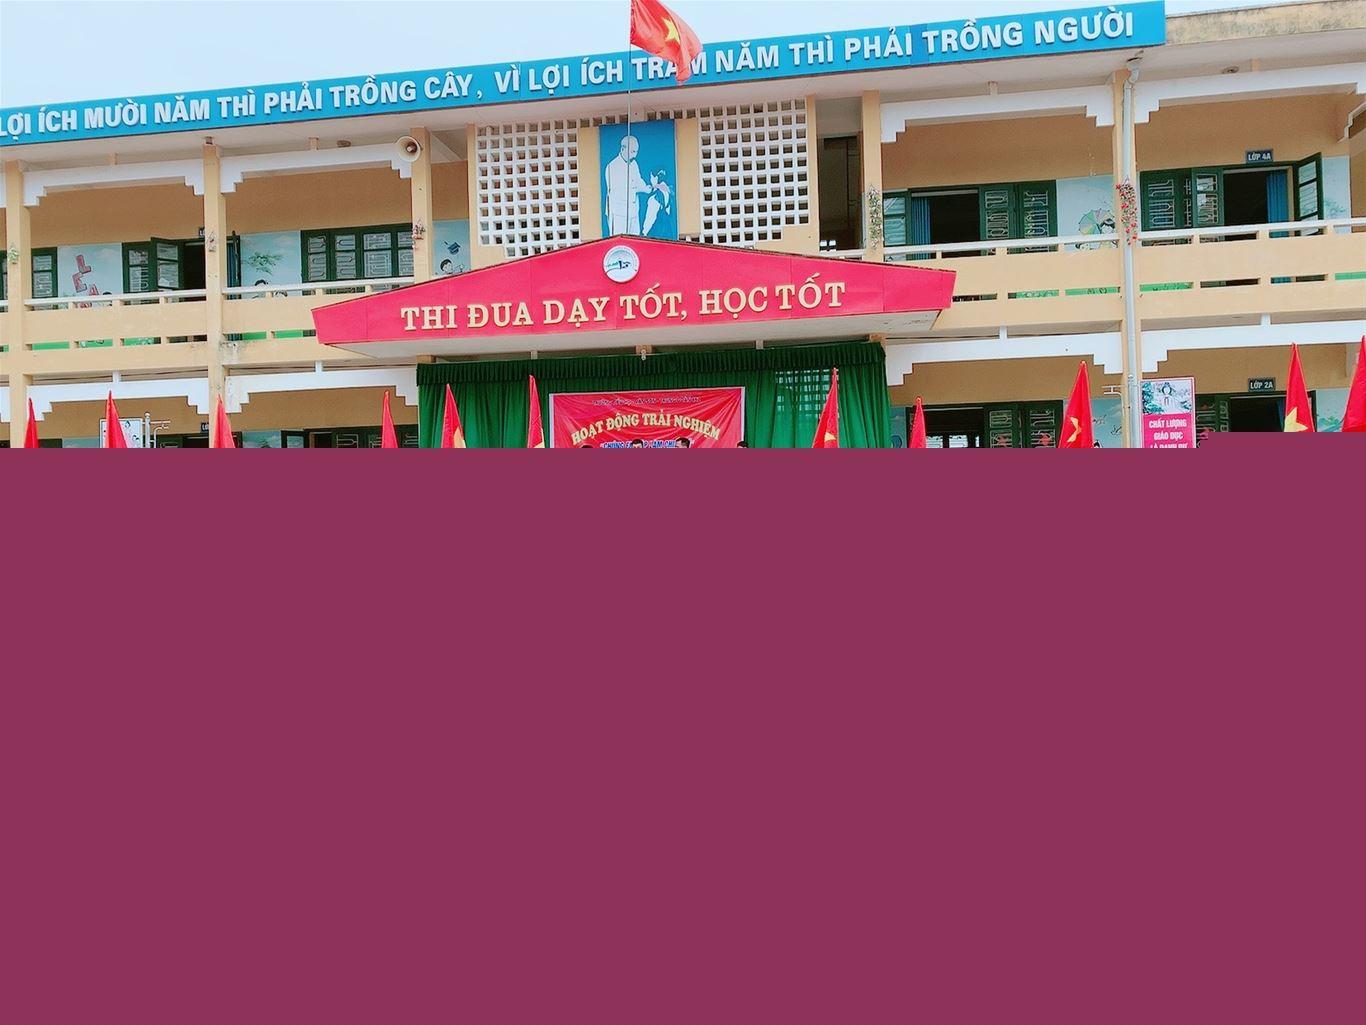 Bắc Giang: Sôi nổi các hoạt động chào mừng 76 năm Ngày thành lập Quân đội Nhân dân Việt Nam